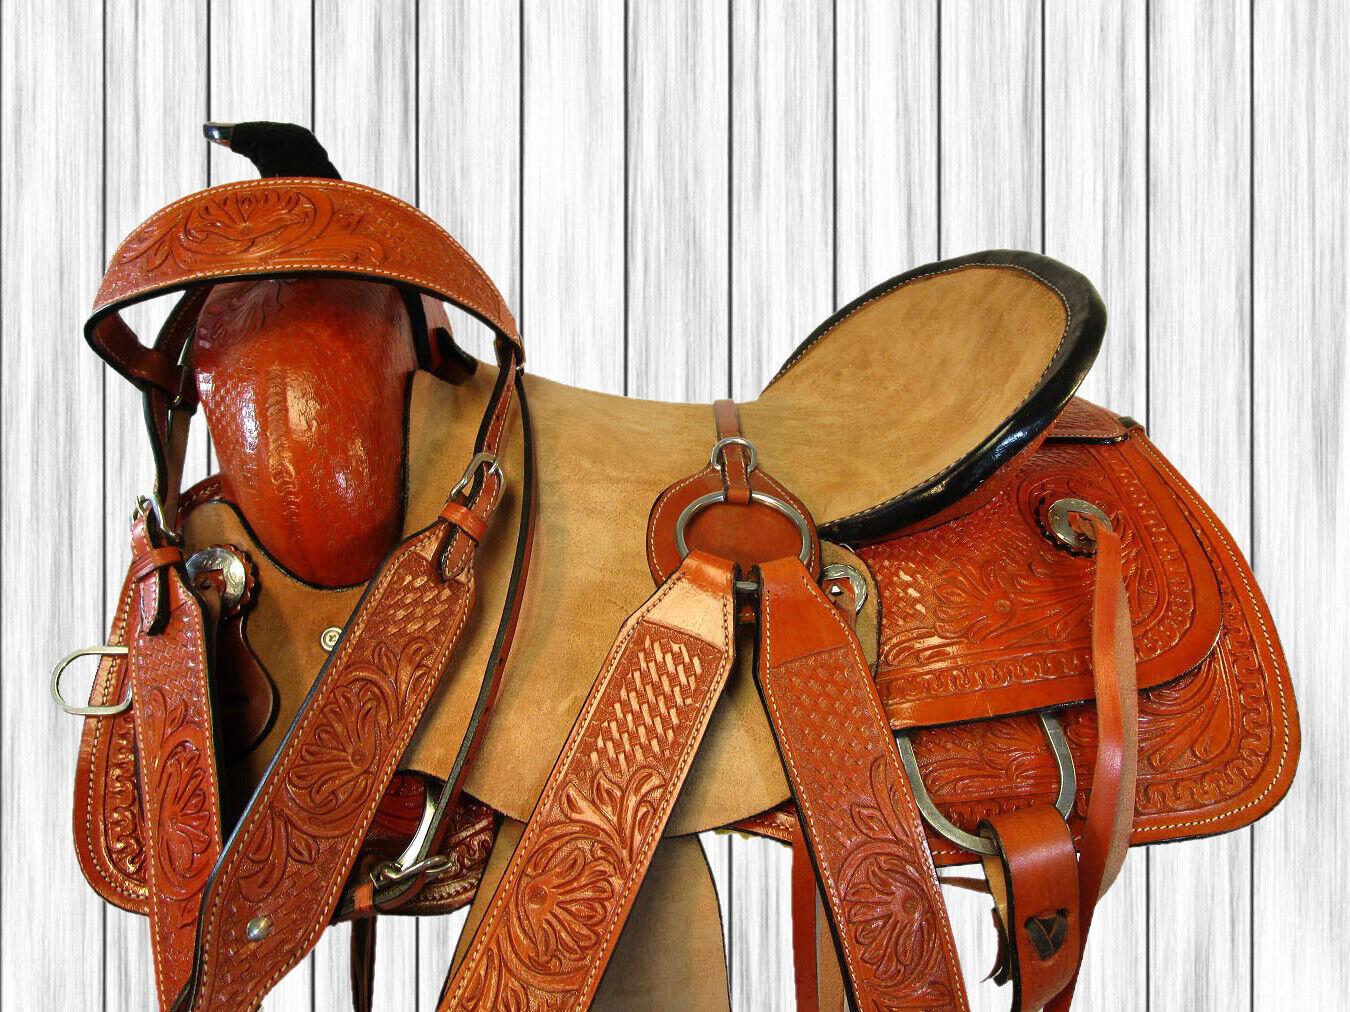 Usado 15 16 17 amarrar Roper Rancho trabajo Trail  Rodeo Caballo Fileteado Silla De Montar Western  muchas sorpresas